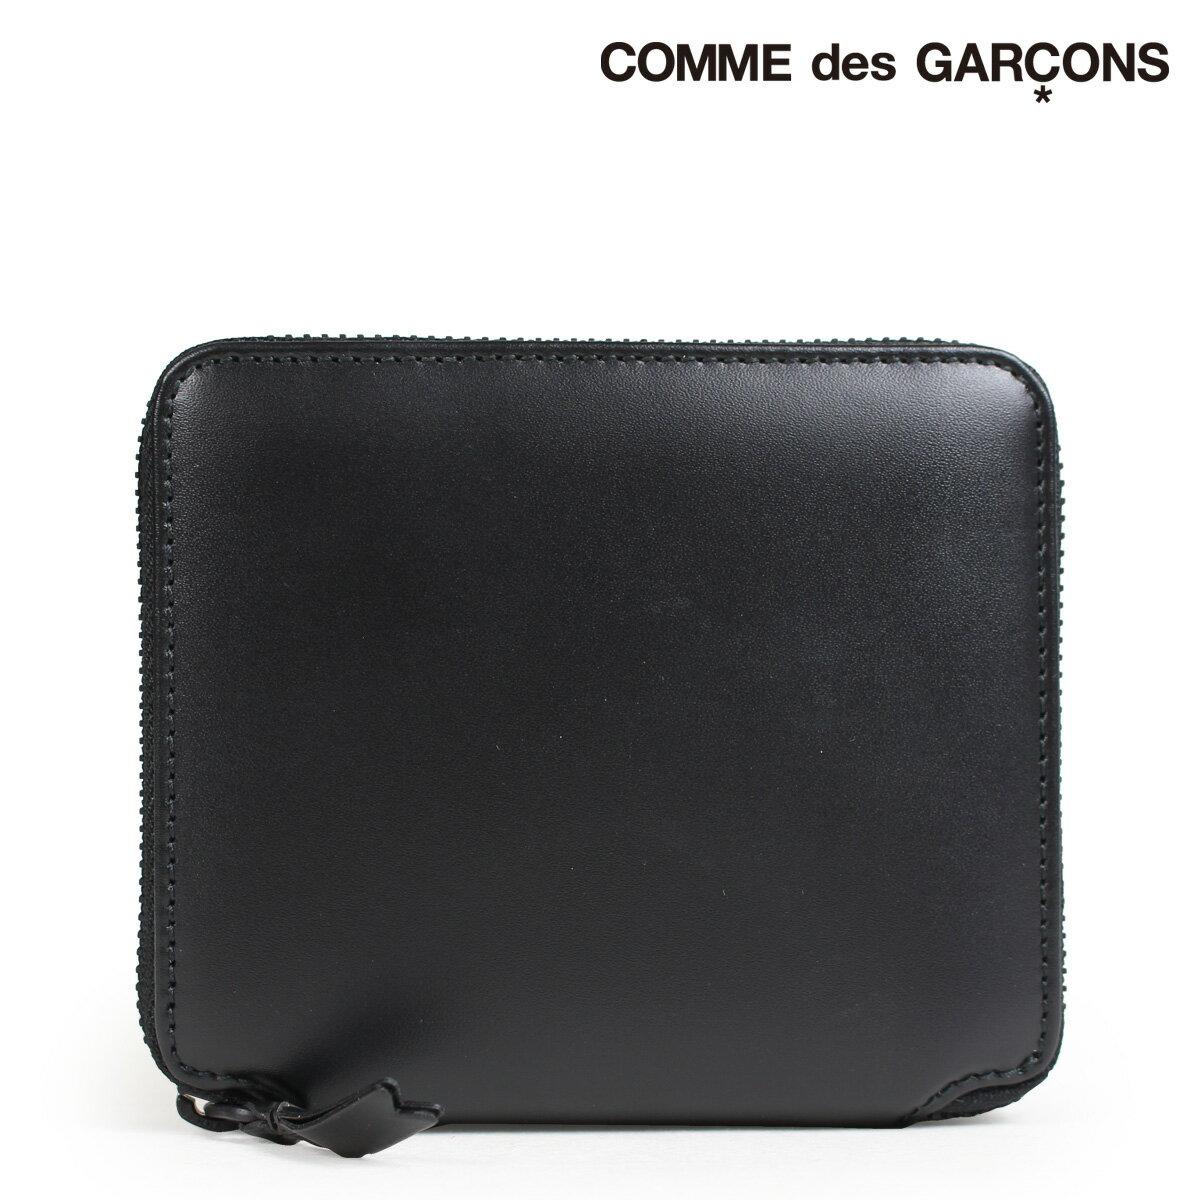 財布・ケース, メンズ財布 2000OFF COMME des GARCONS SA2100VB